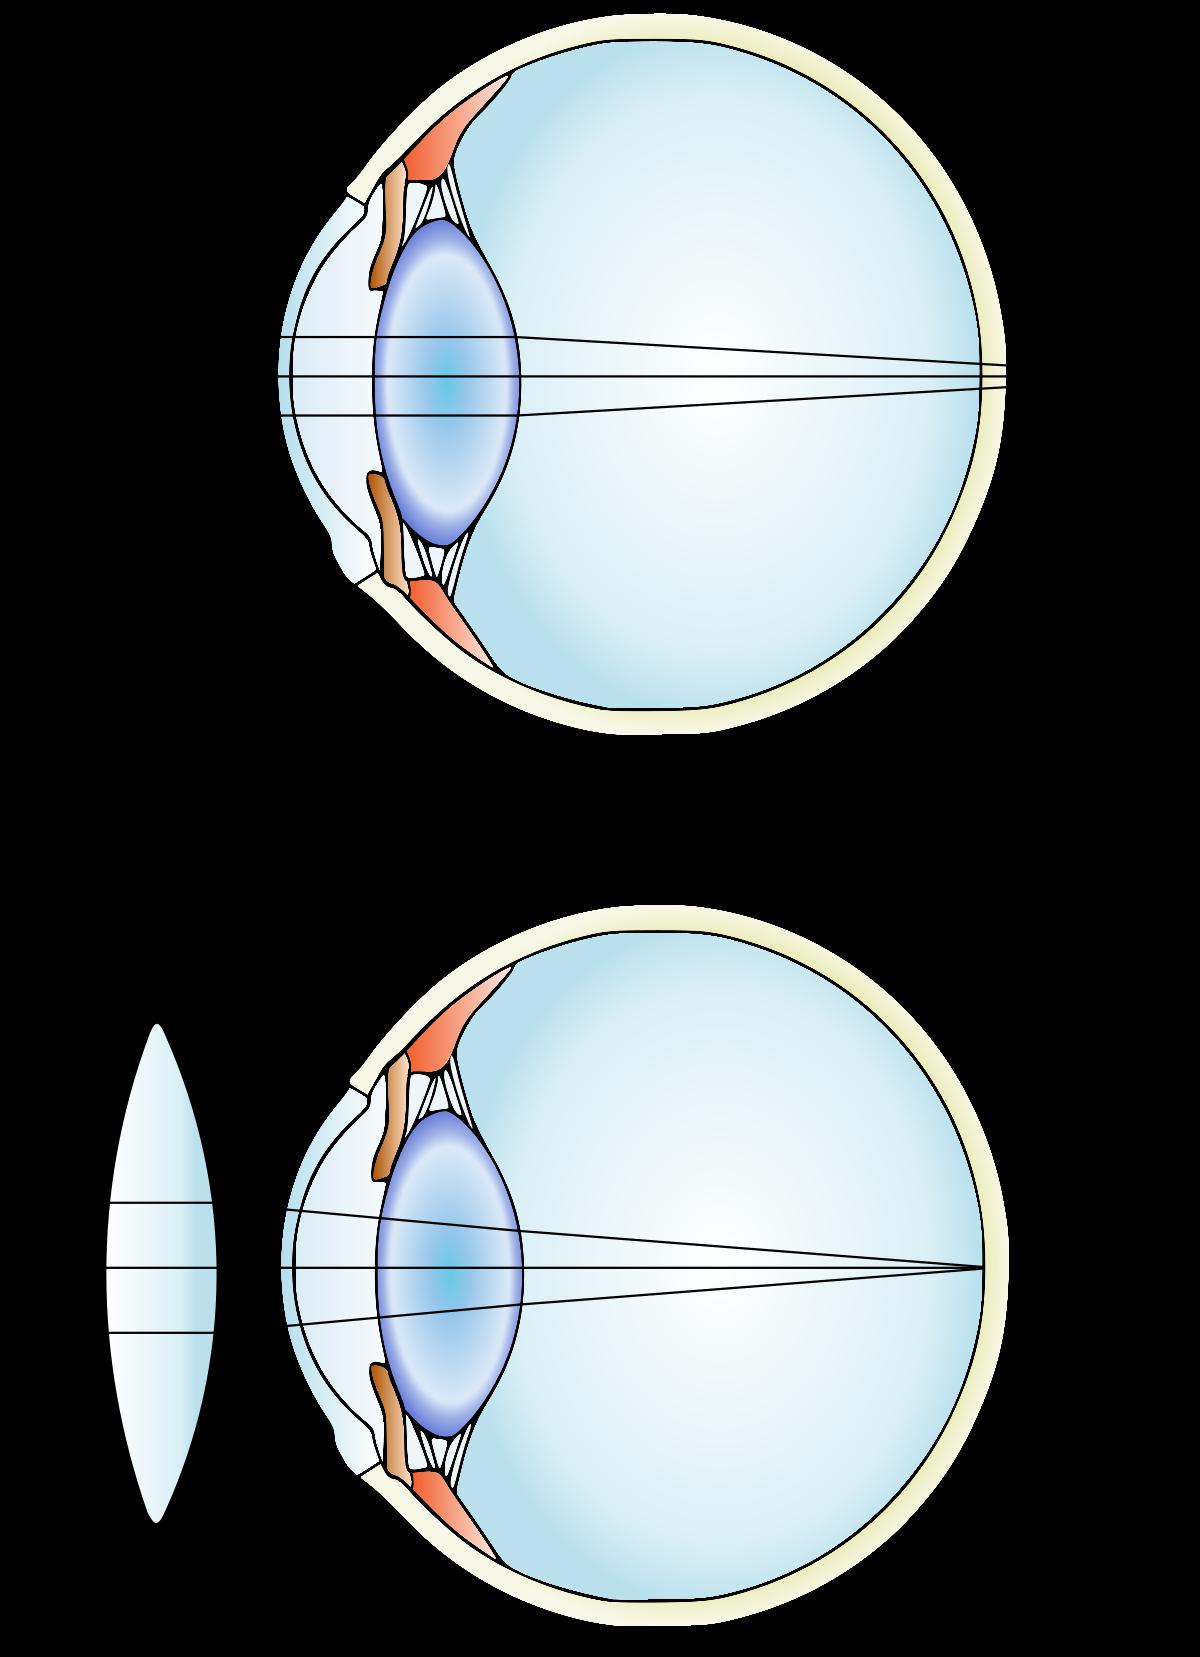 veleszületett myopia és hogyan kell kezelni